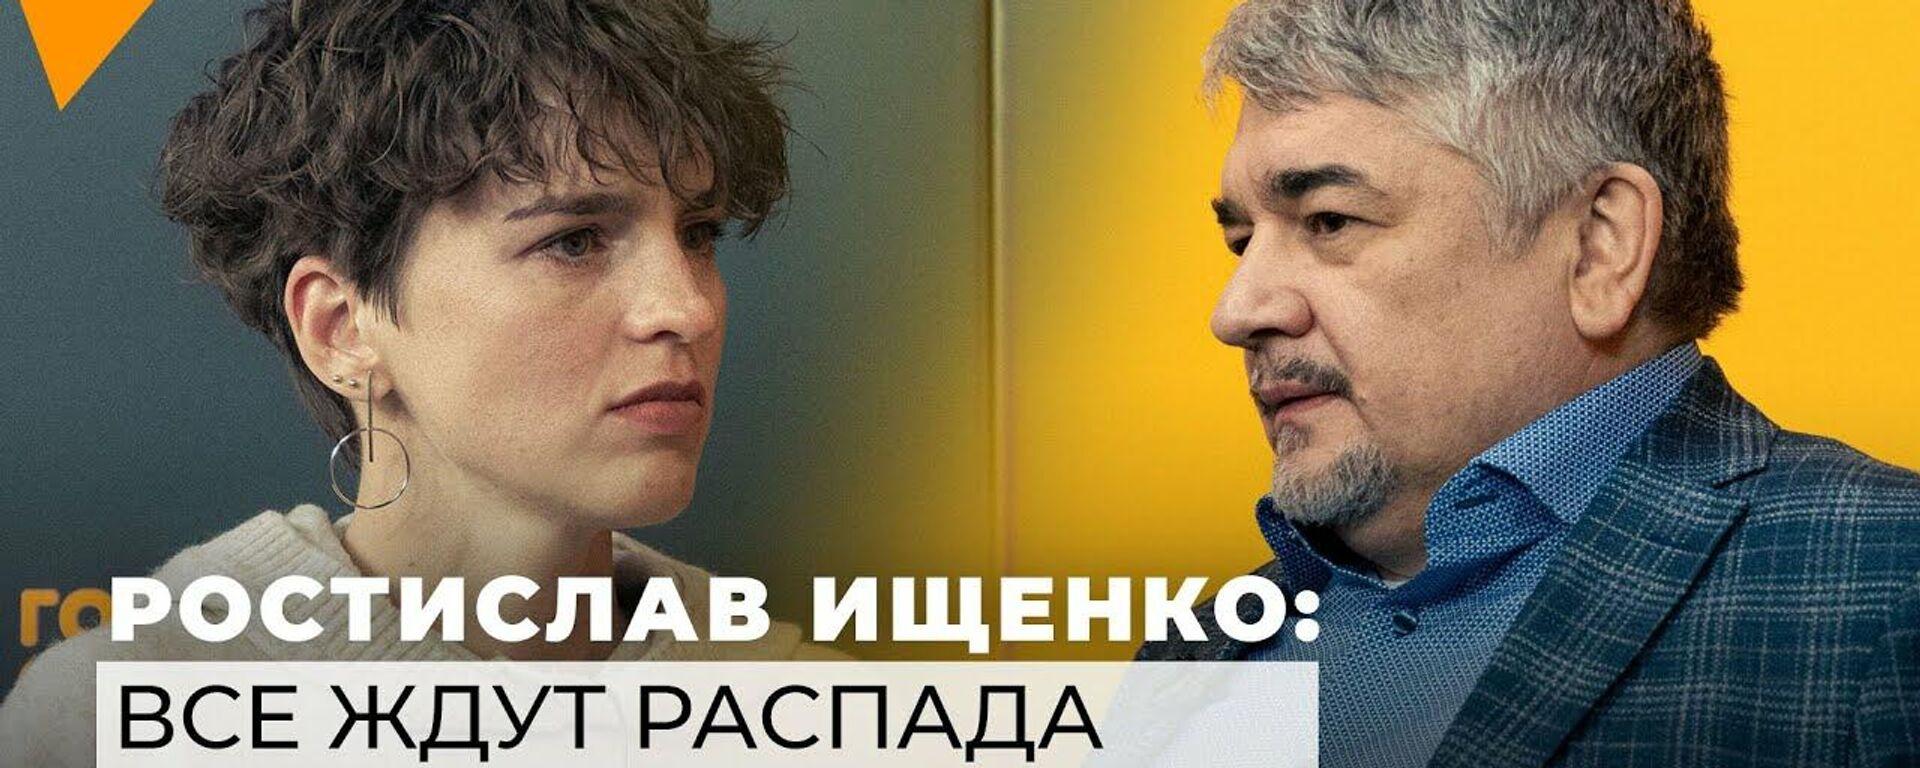 Ищенко: Украина потеряет не только Донбасс, страну начали раздирать по кускам - Sputnik Таджикистан, 1920, 15.05.2021